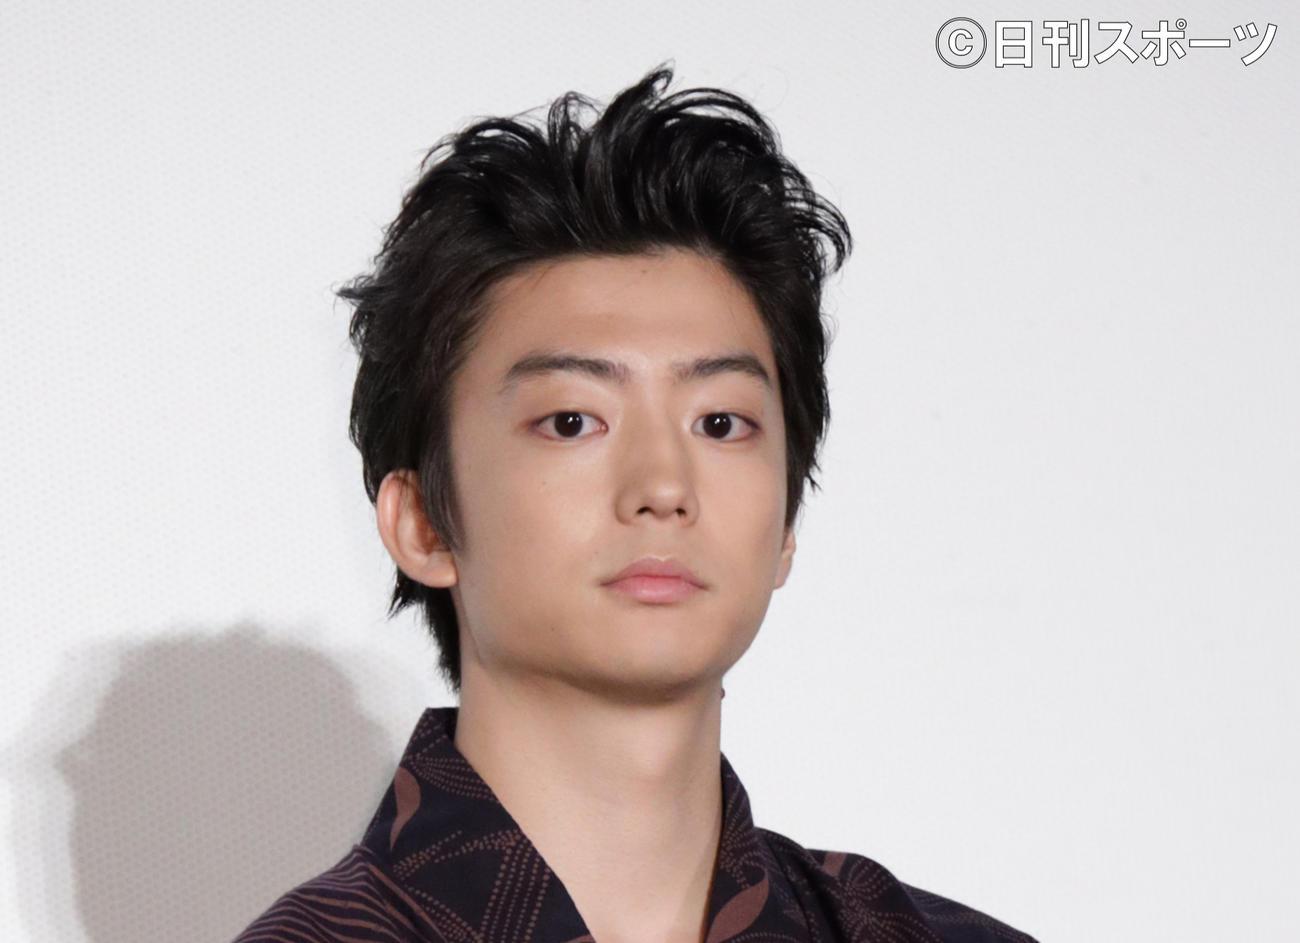 伊藤健太郎容疑者(2020年8月25日撮影)